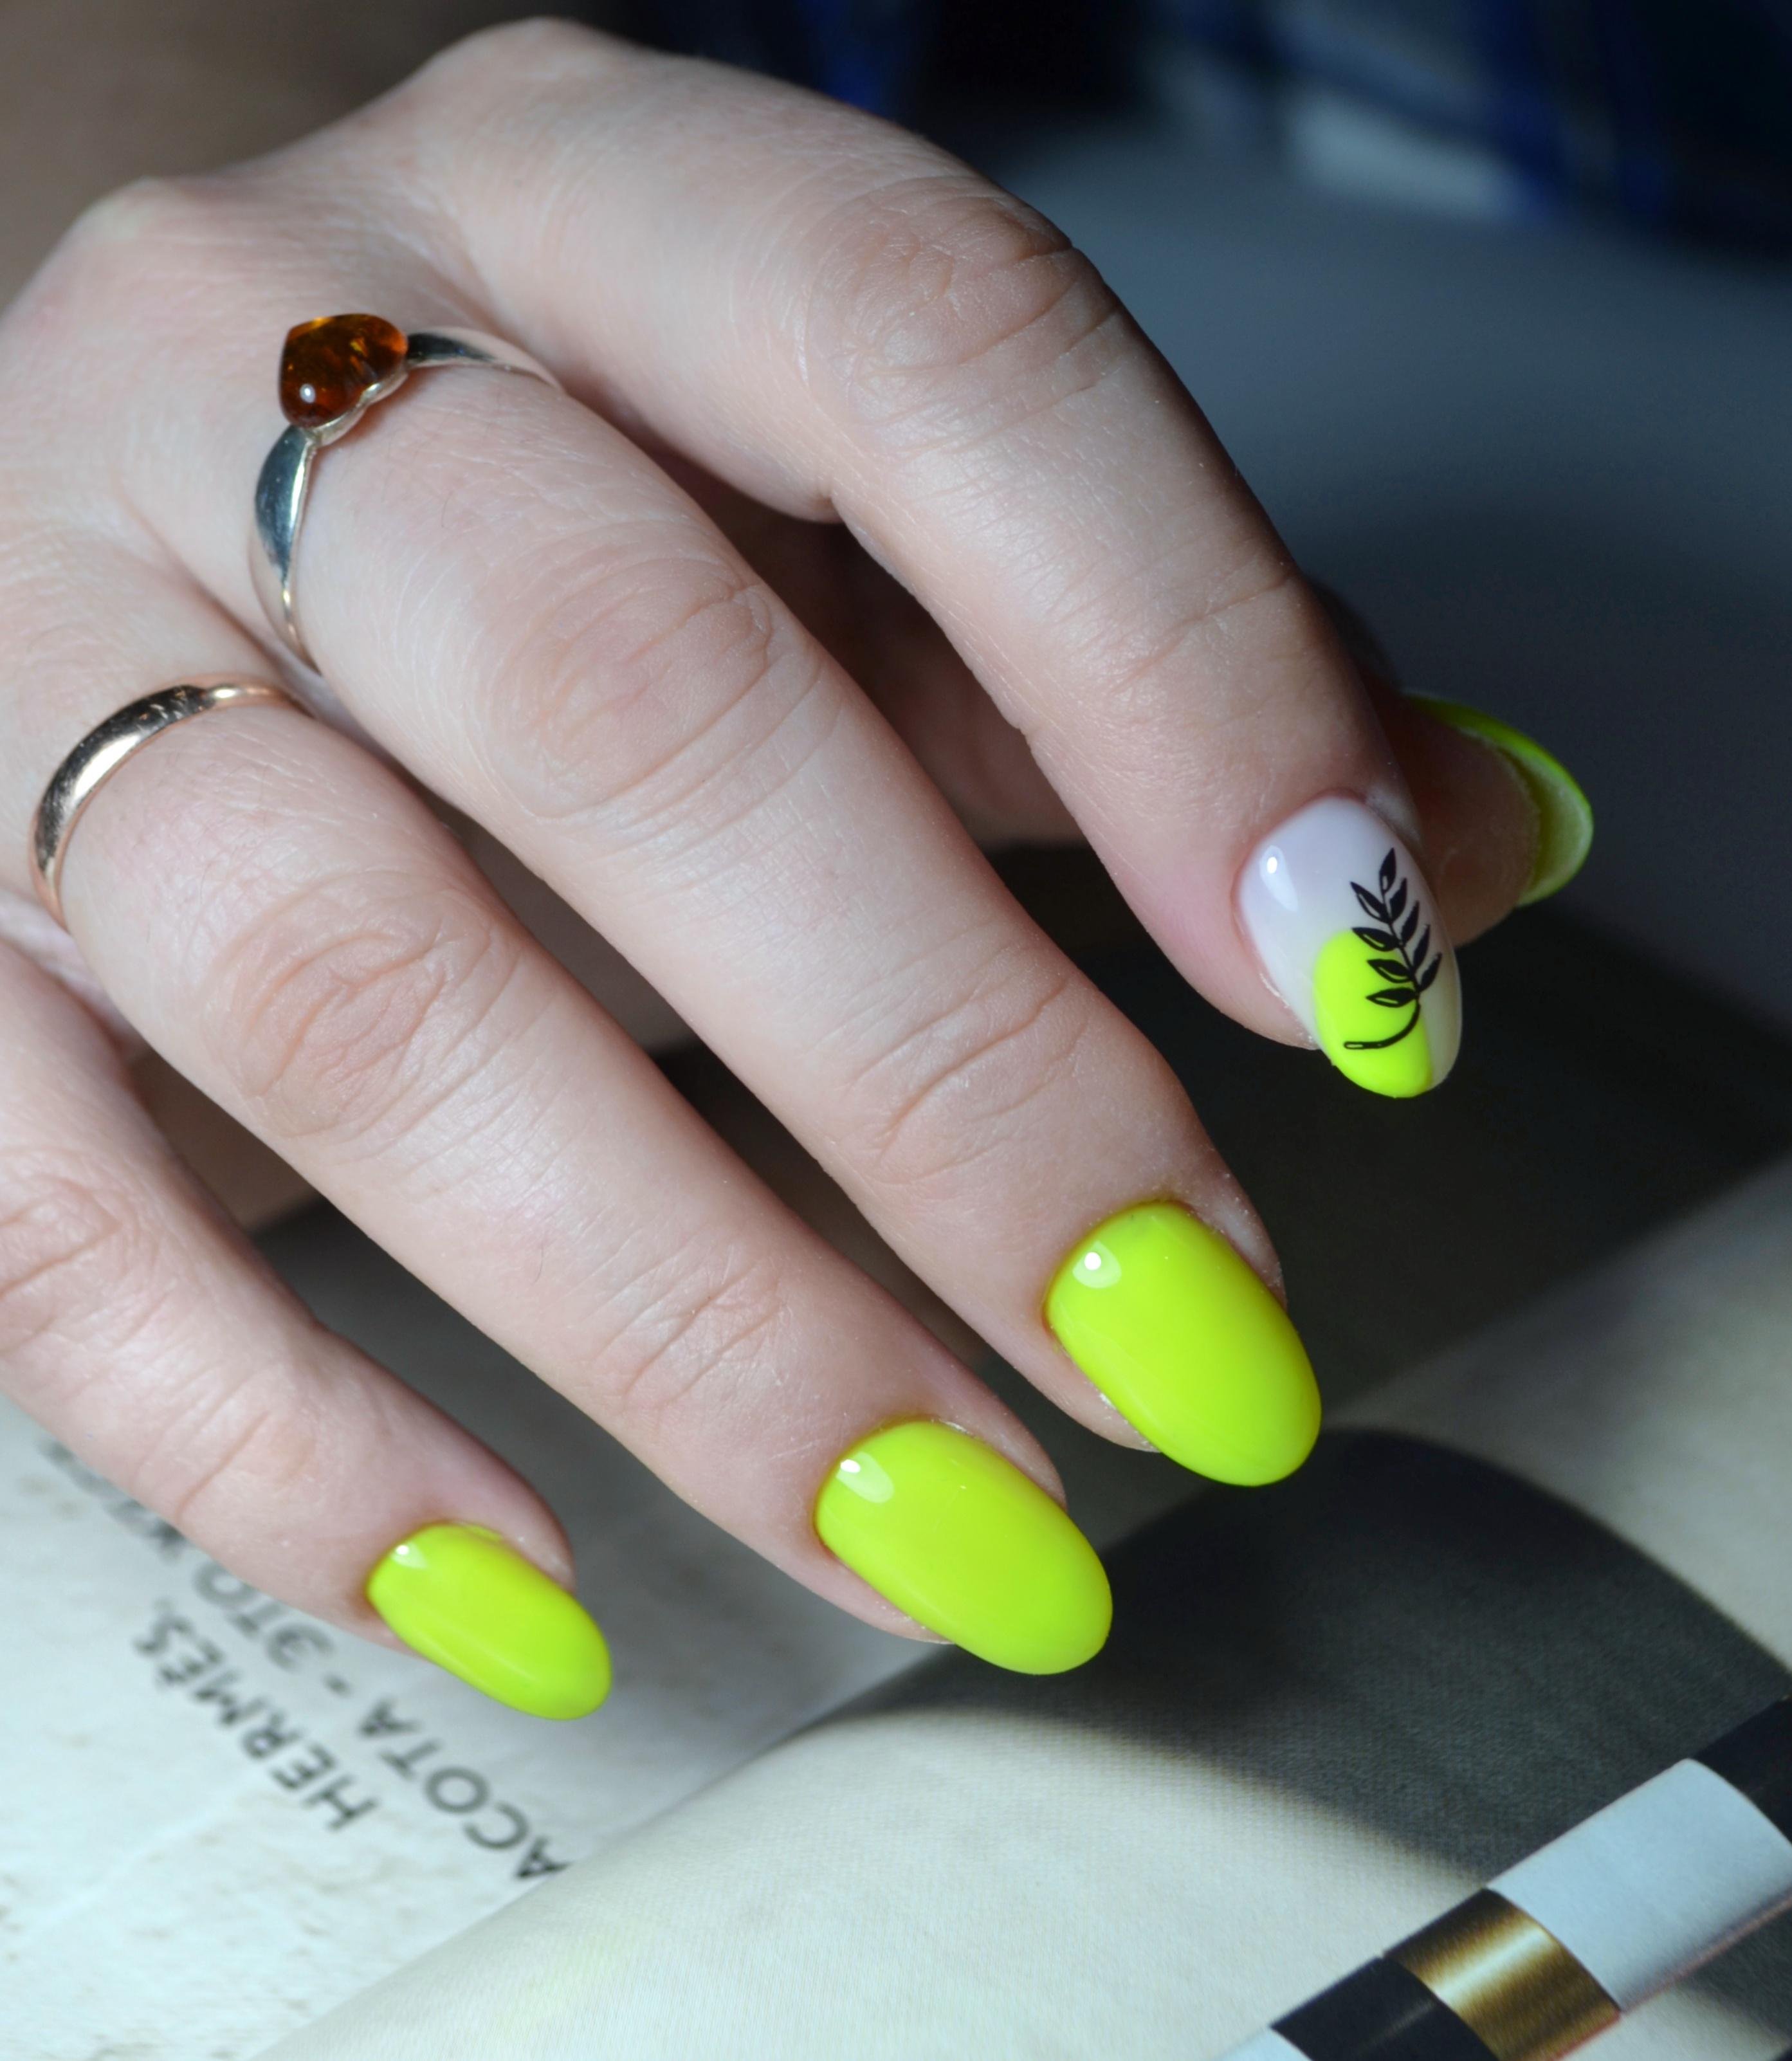 Маникюр с растительным слайдером в желтом цвете.